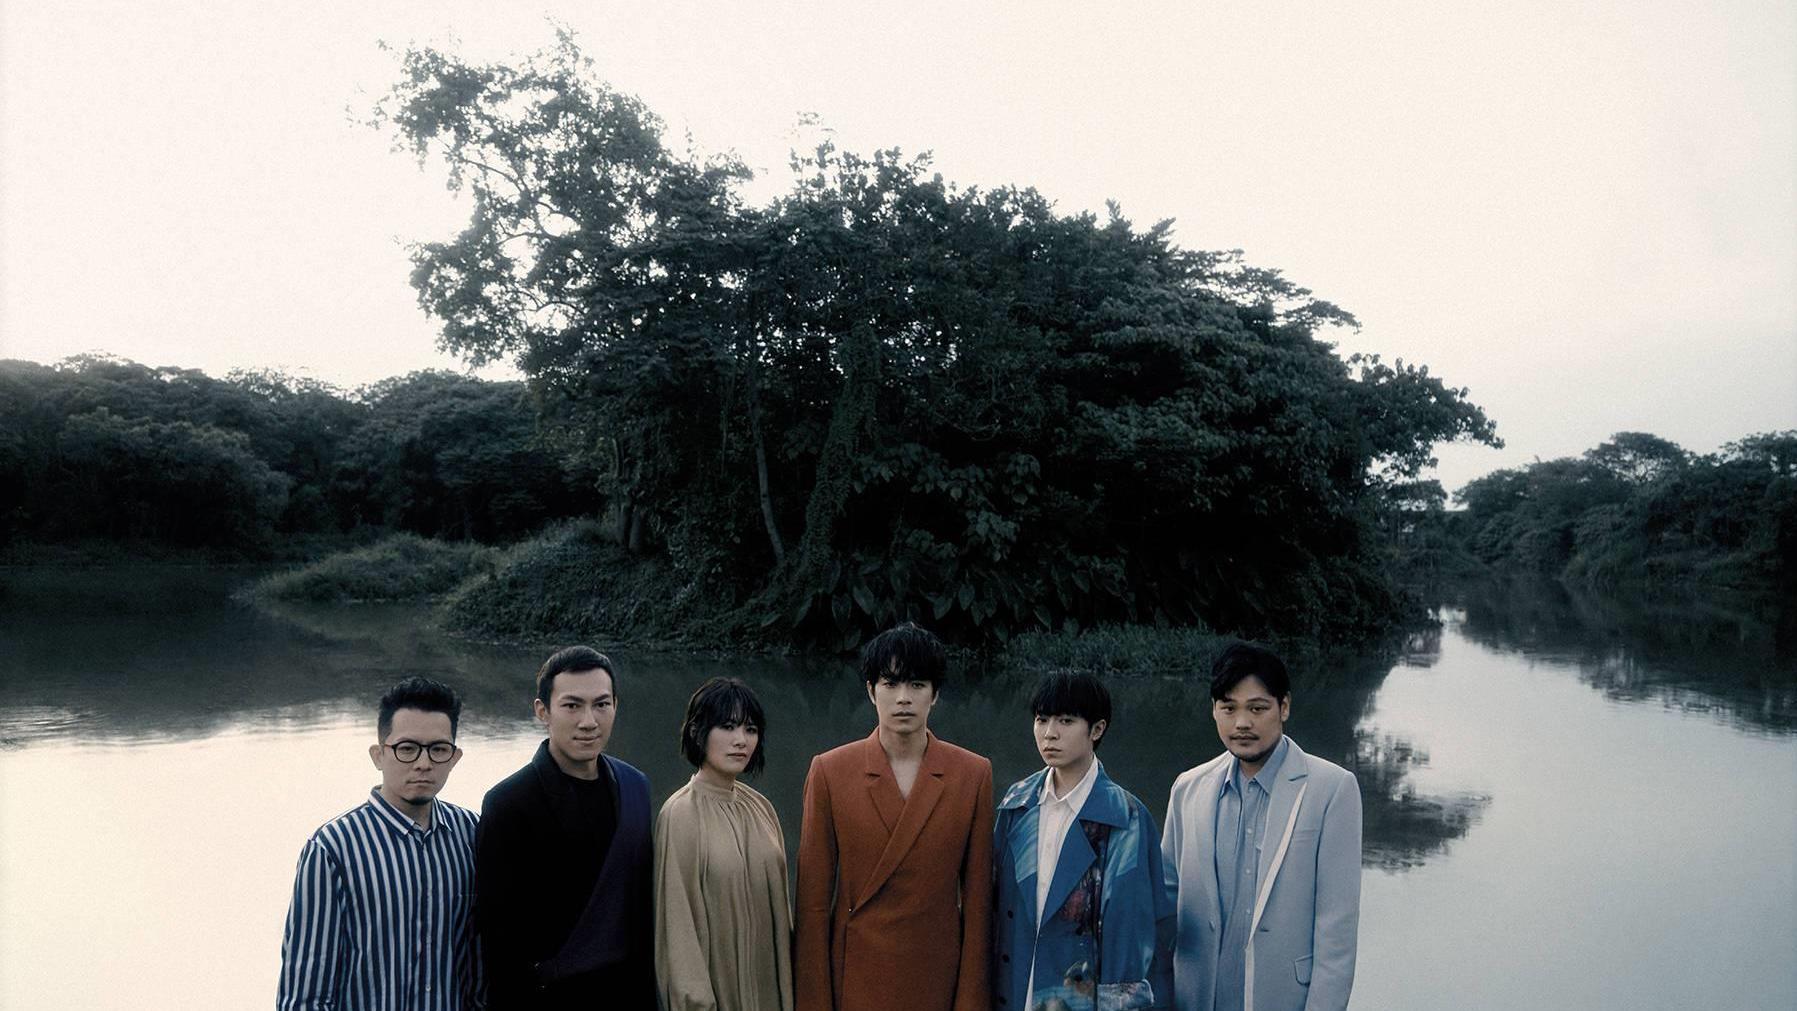 专辑推出试听影集鱼丁糸主题曲〈我就奇怪〉青峰学八种鬼唱歌?